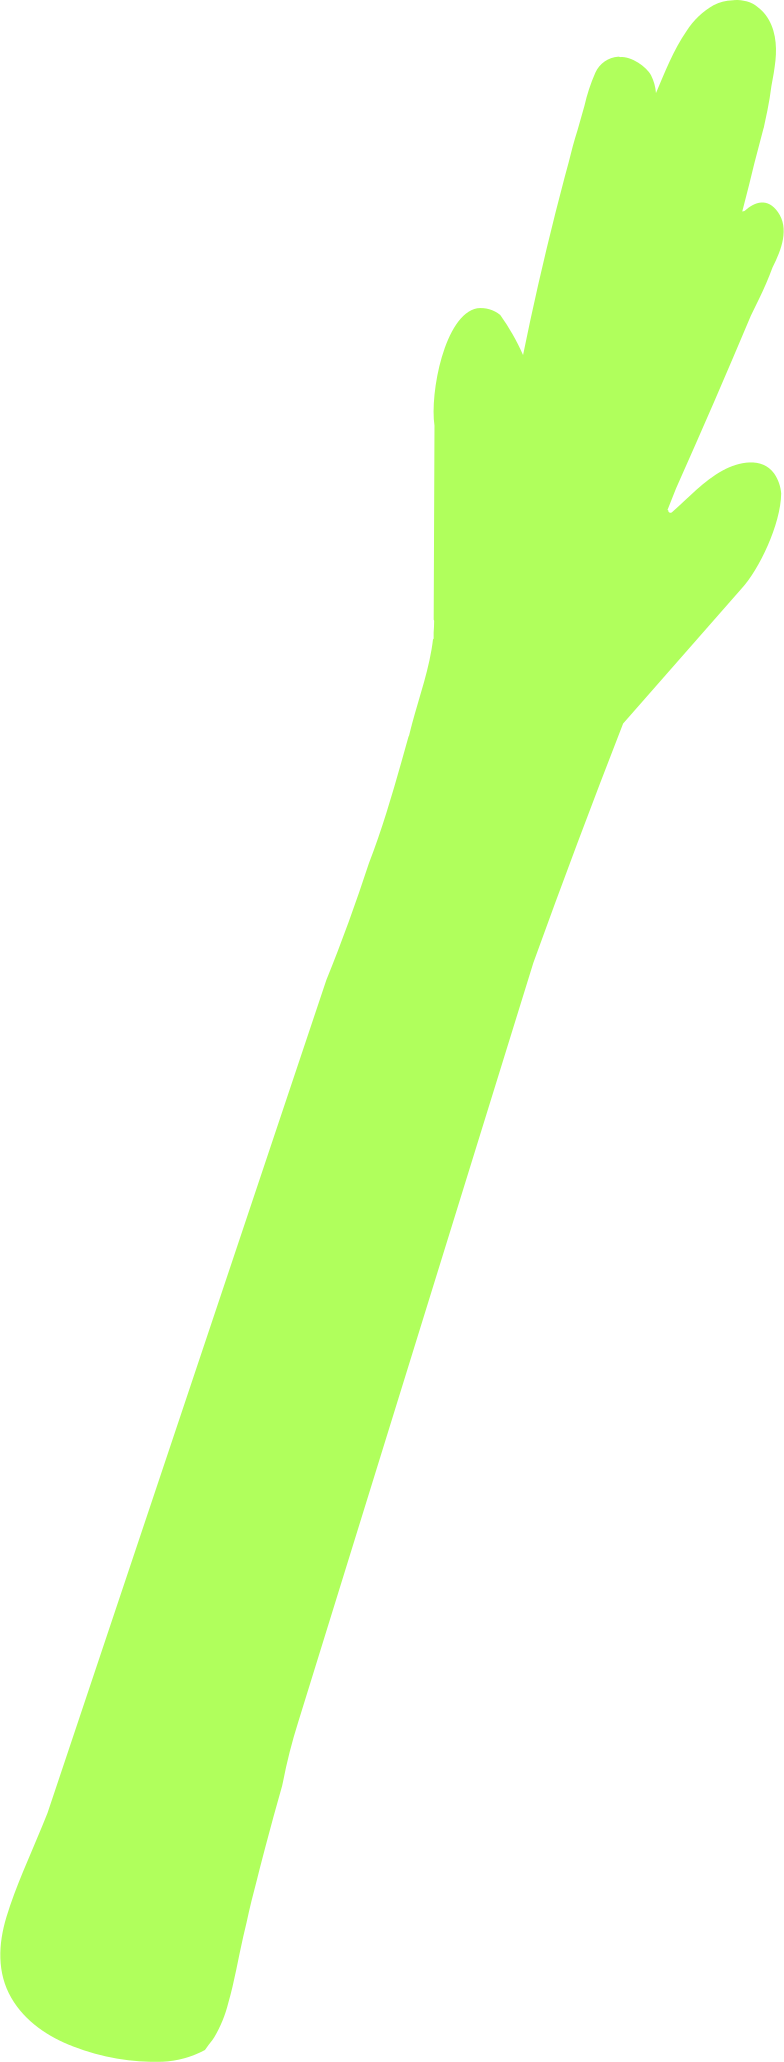 PNGとSVGの  スタイルの アスパラガス ベクターイメージ | Icons8 イラスト